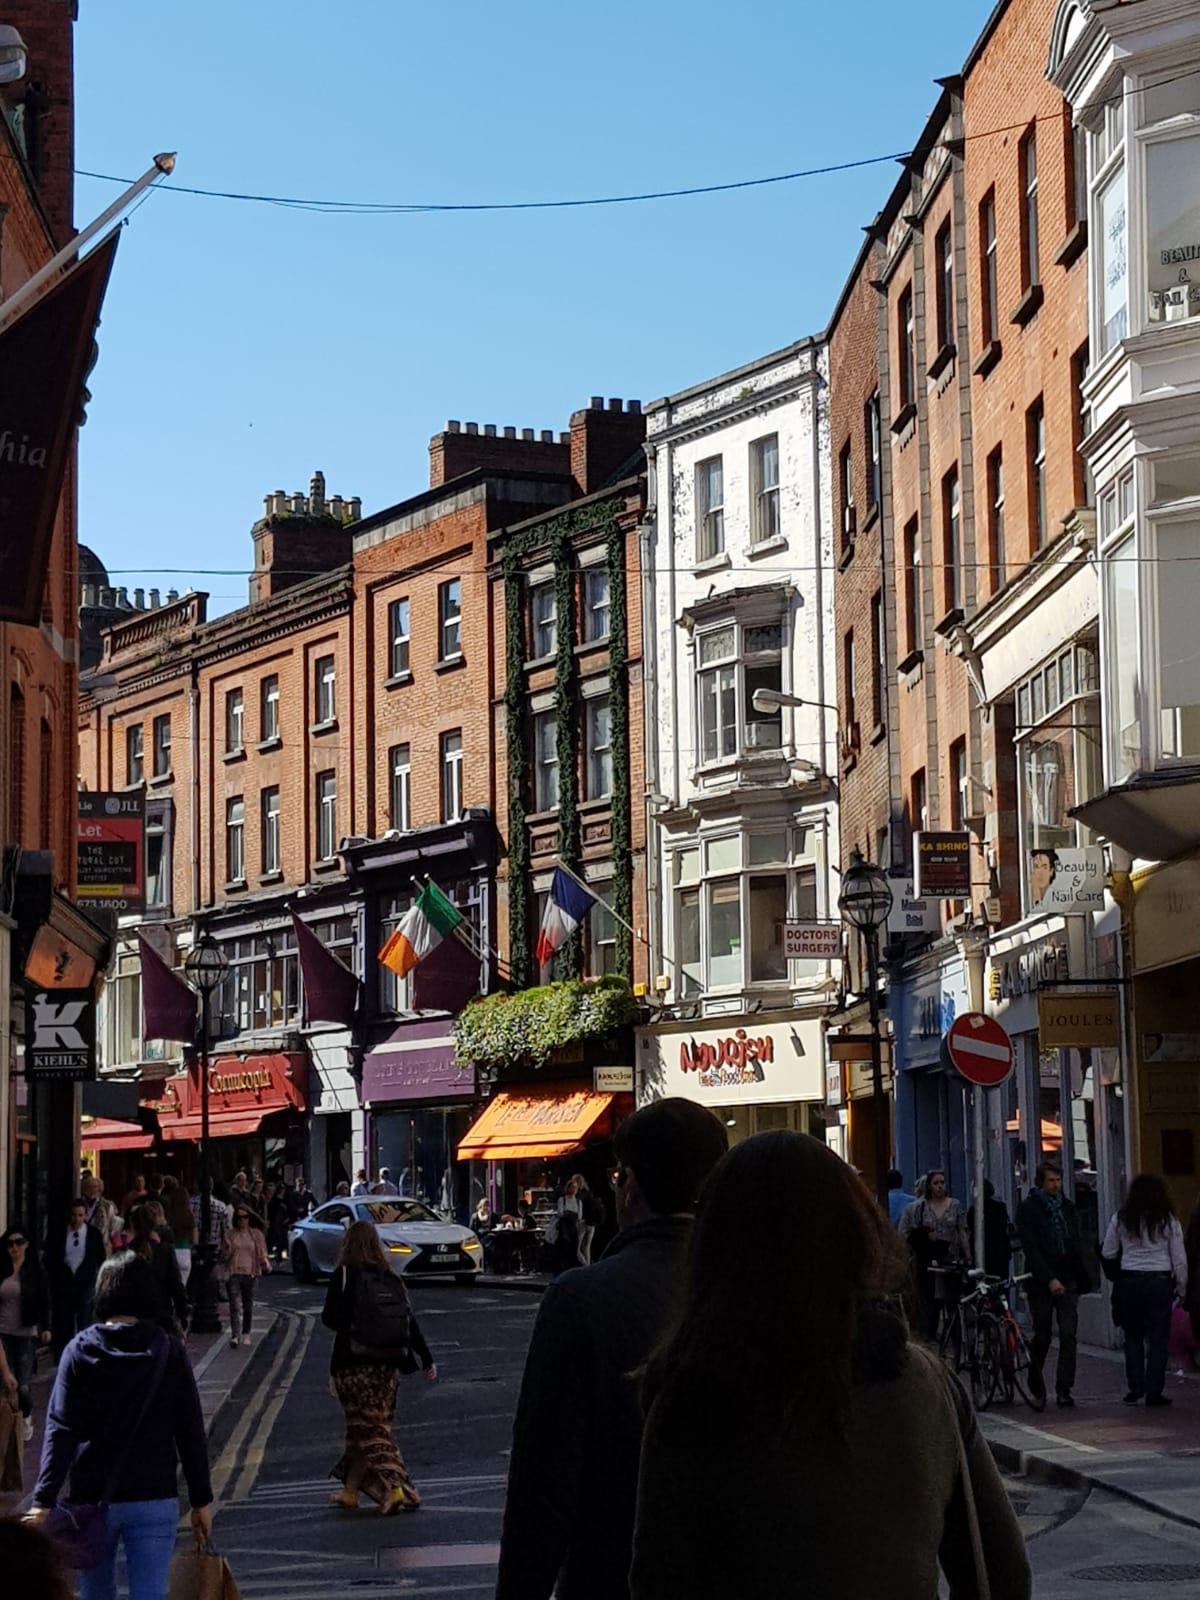 Residency in Ireland